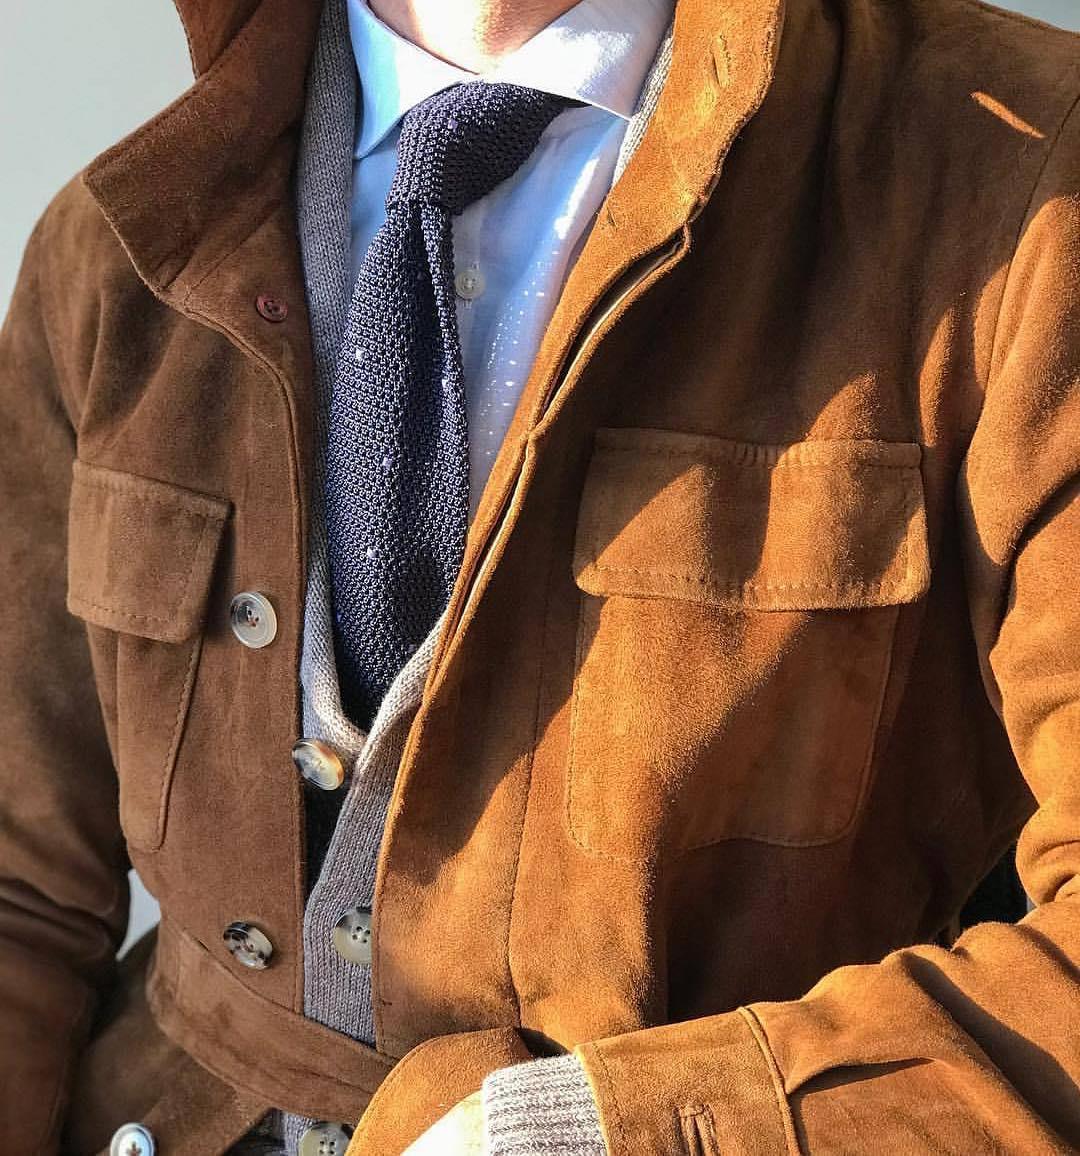 Profitez d'être le weekend en milieu neutre pour porter les tenues les plus sartoriales, vous « progresserez » plus rapidement.